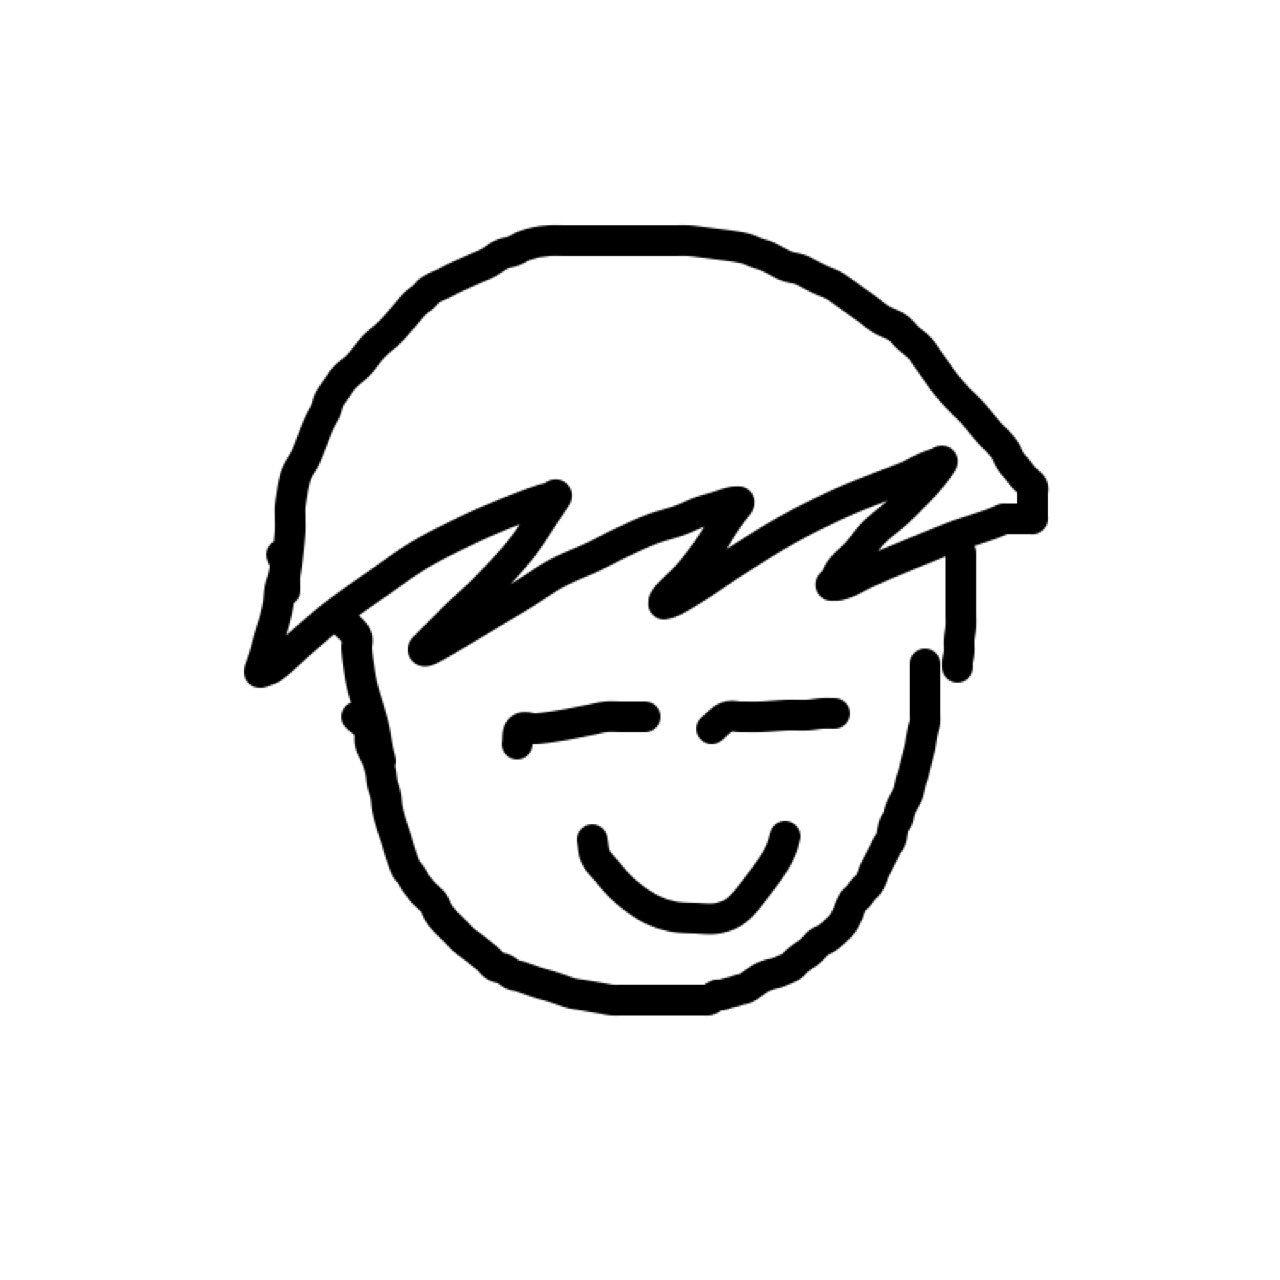 キックフライト【インタビュー】:初の公式大会を圧倒的な実力で優勝!「psトップ勢!」の皆さんにインタビュー!!